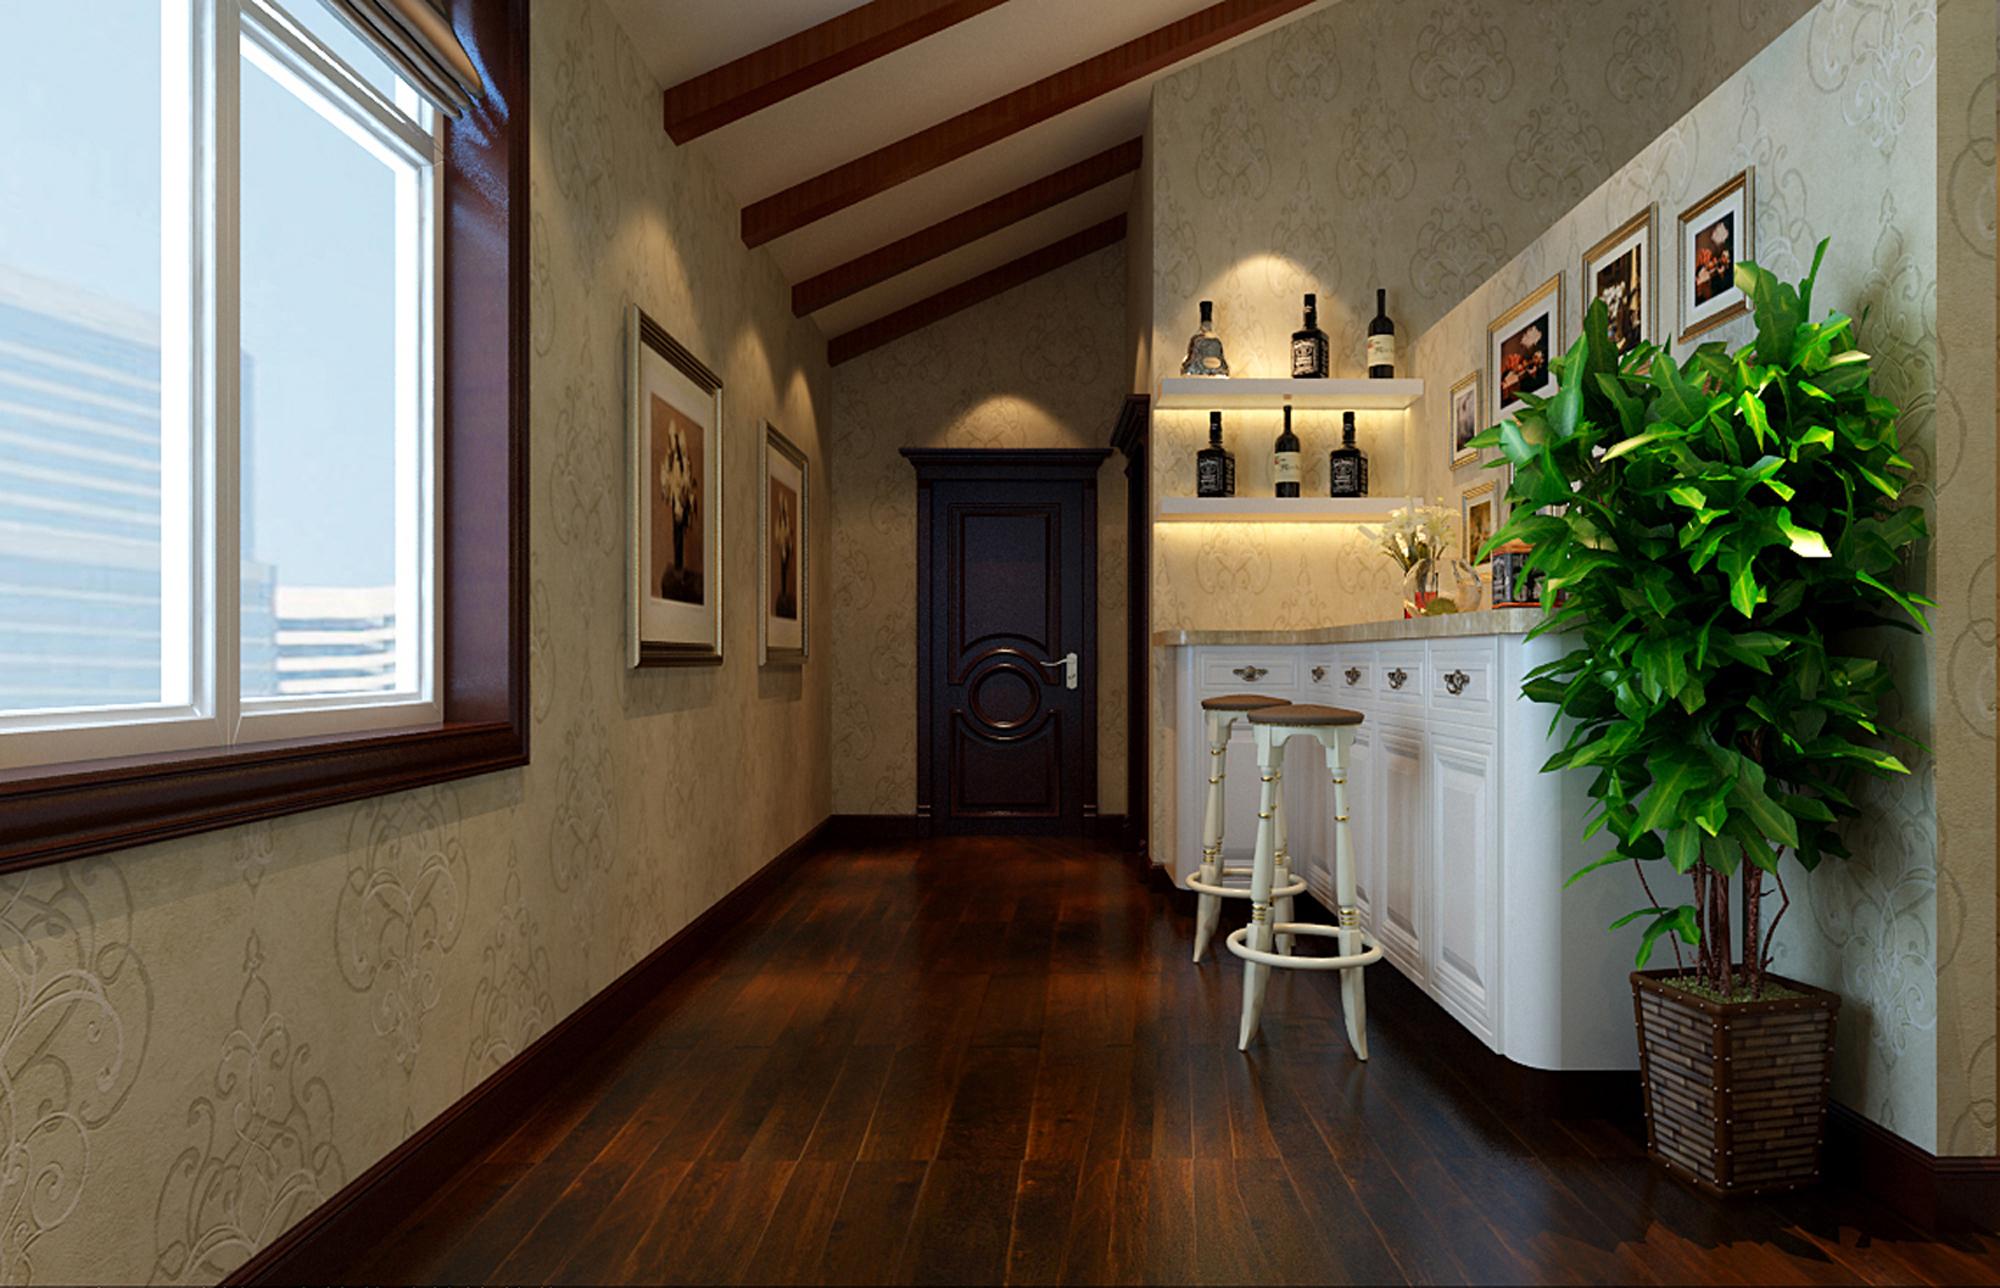 美式风格 别墅装修 精美别墅 美式 欧美风 80后 企业家 旧房改造 实创装饰 玄关图片来自北京实创装饰在250㎡美式别墅装修实际案例的分享